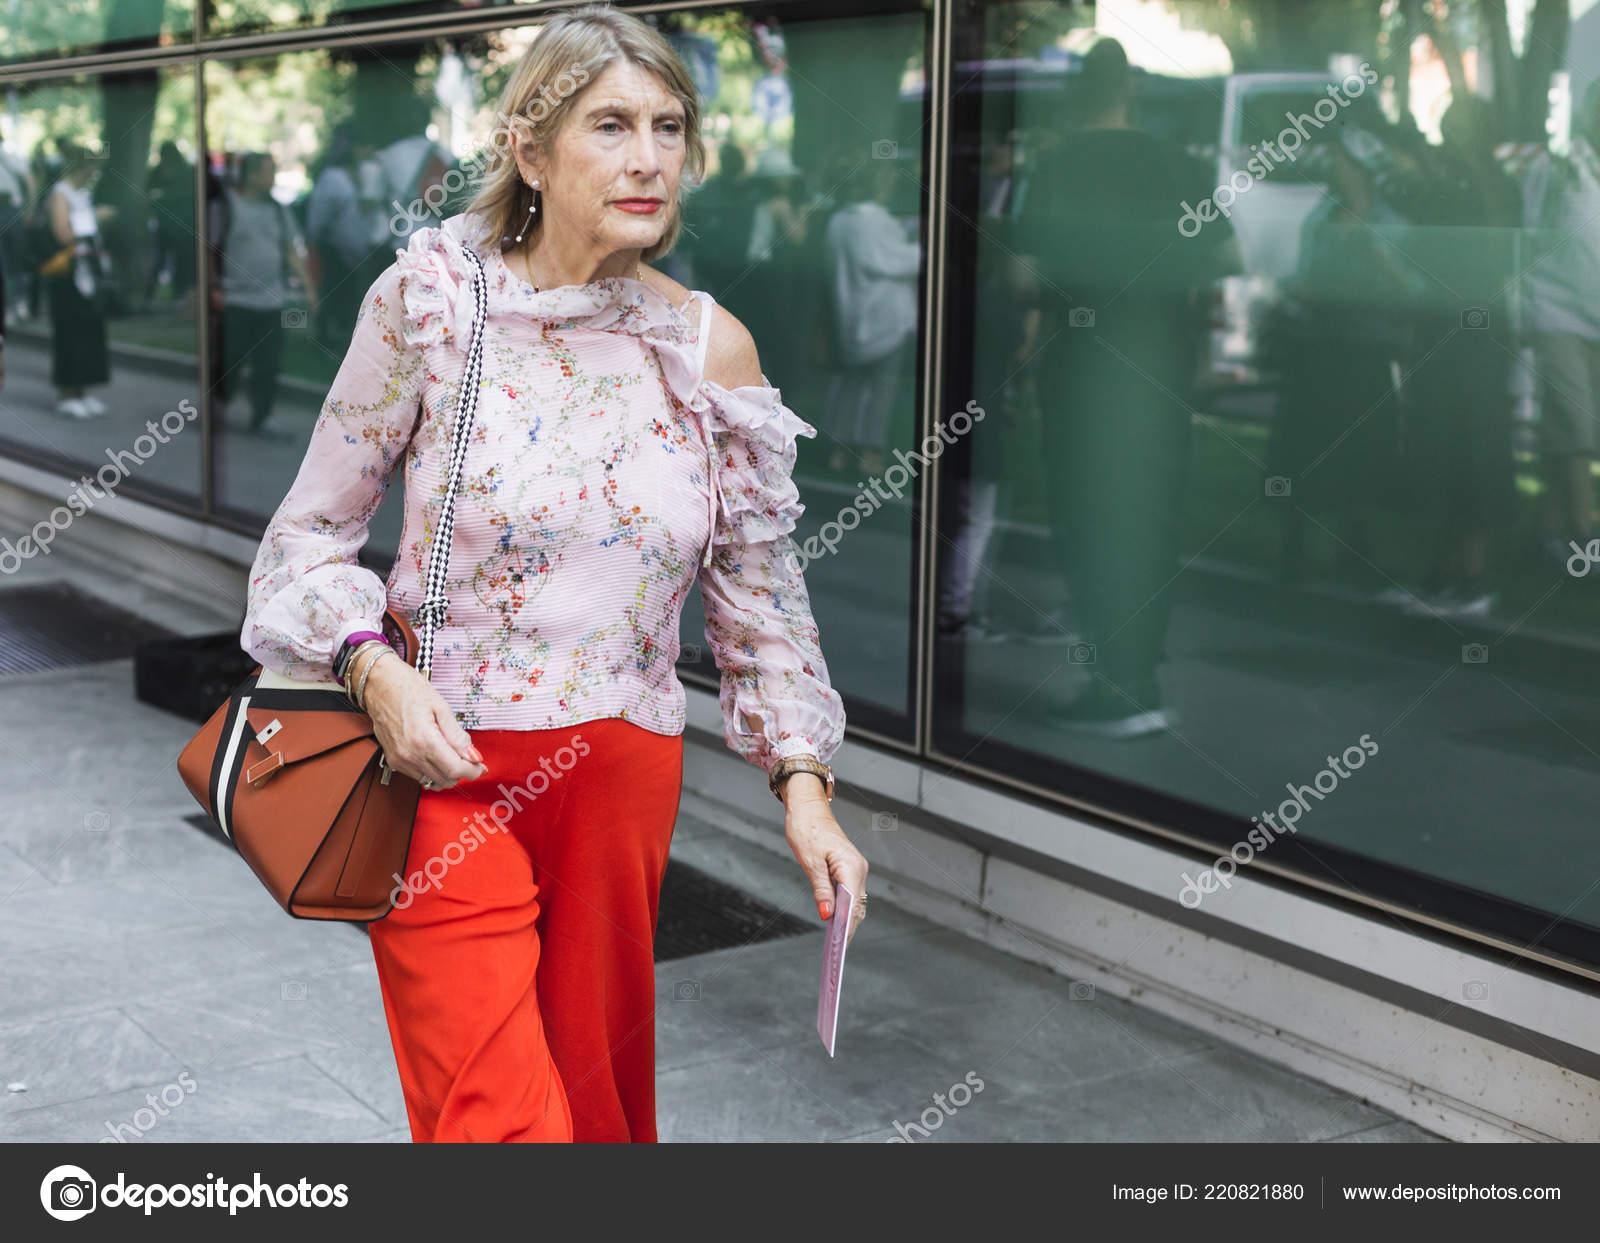 038a014637f6f Milan Italia Septiembre Moda Mujer Poses Fuera Desfile Moda Giorgio ...